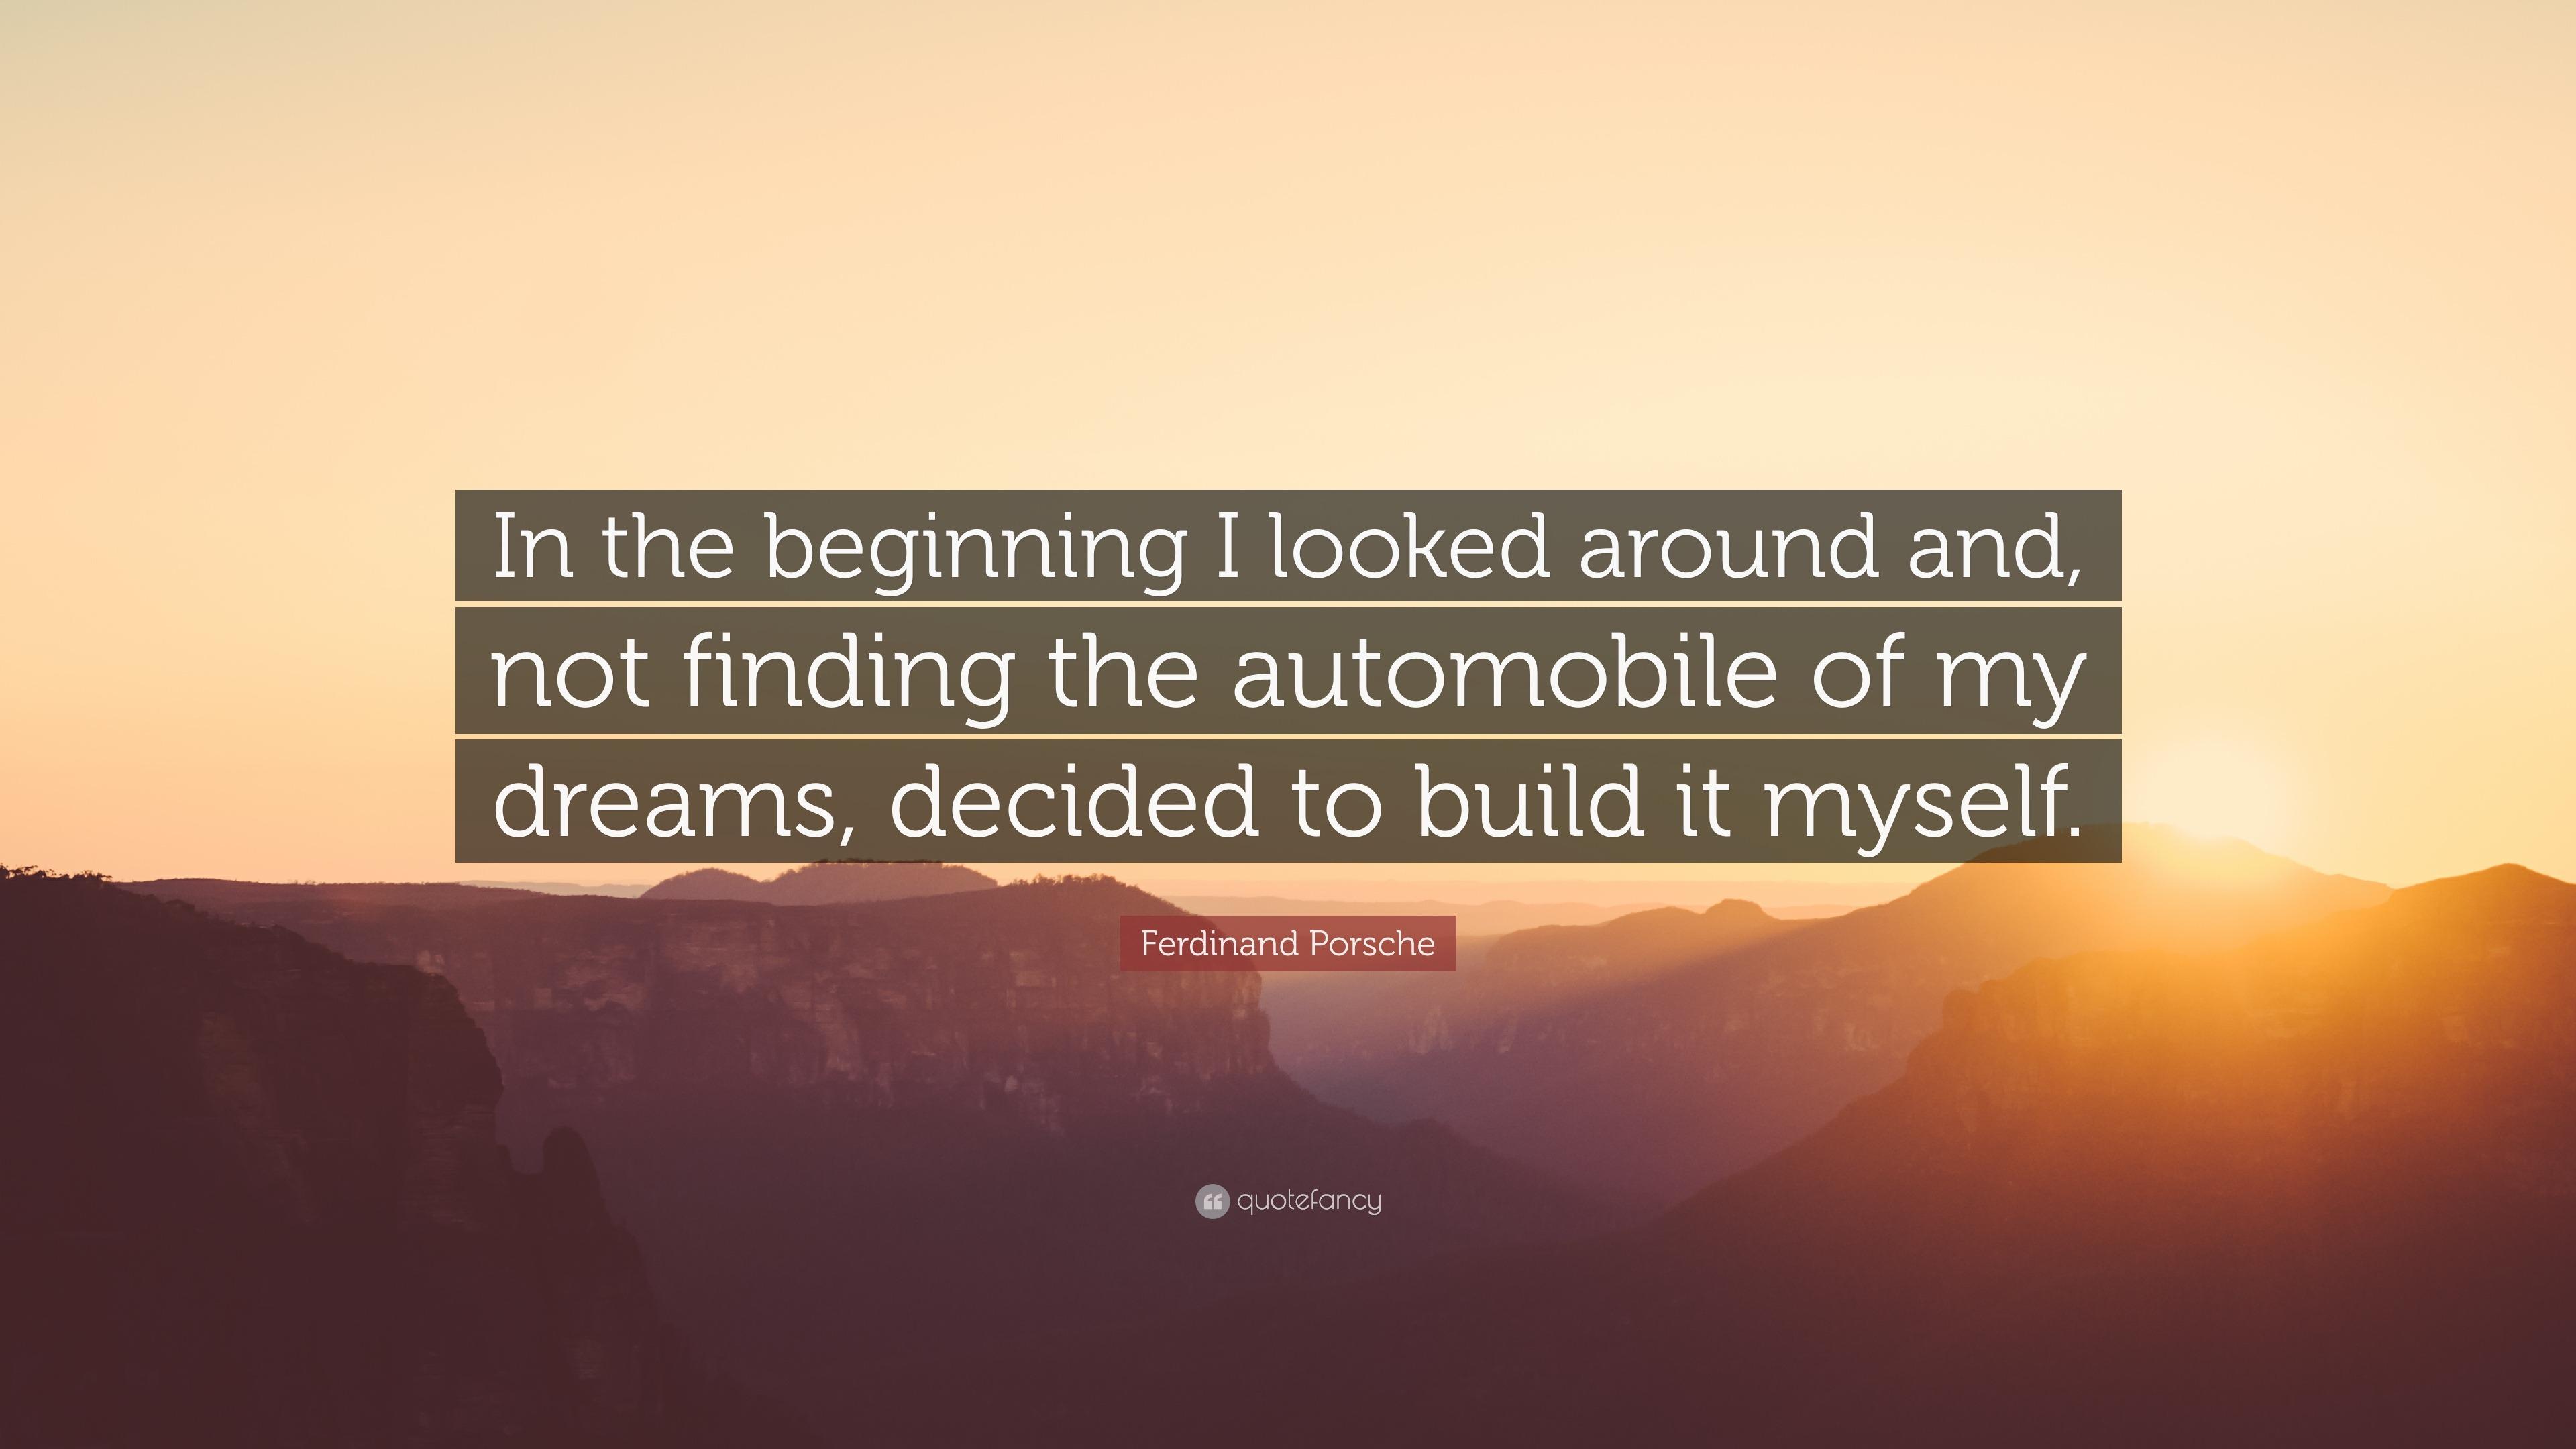 Ferdinand Porsche Quote \u201cIn the beginning I looked around